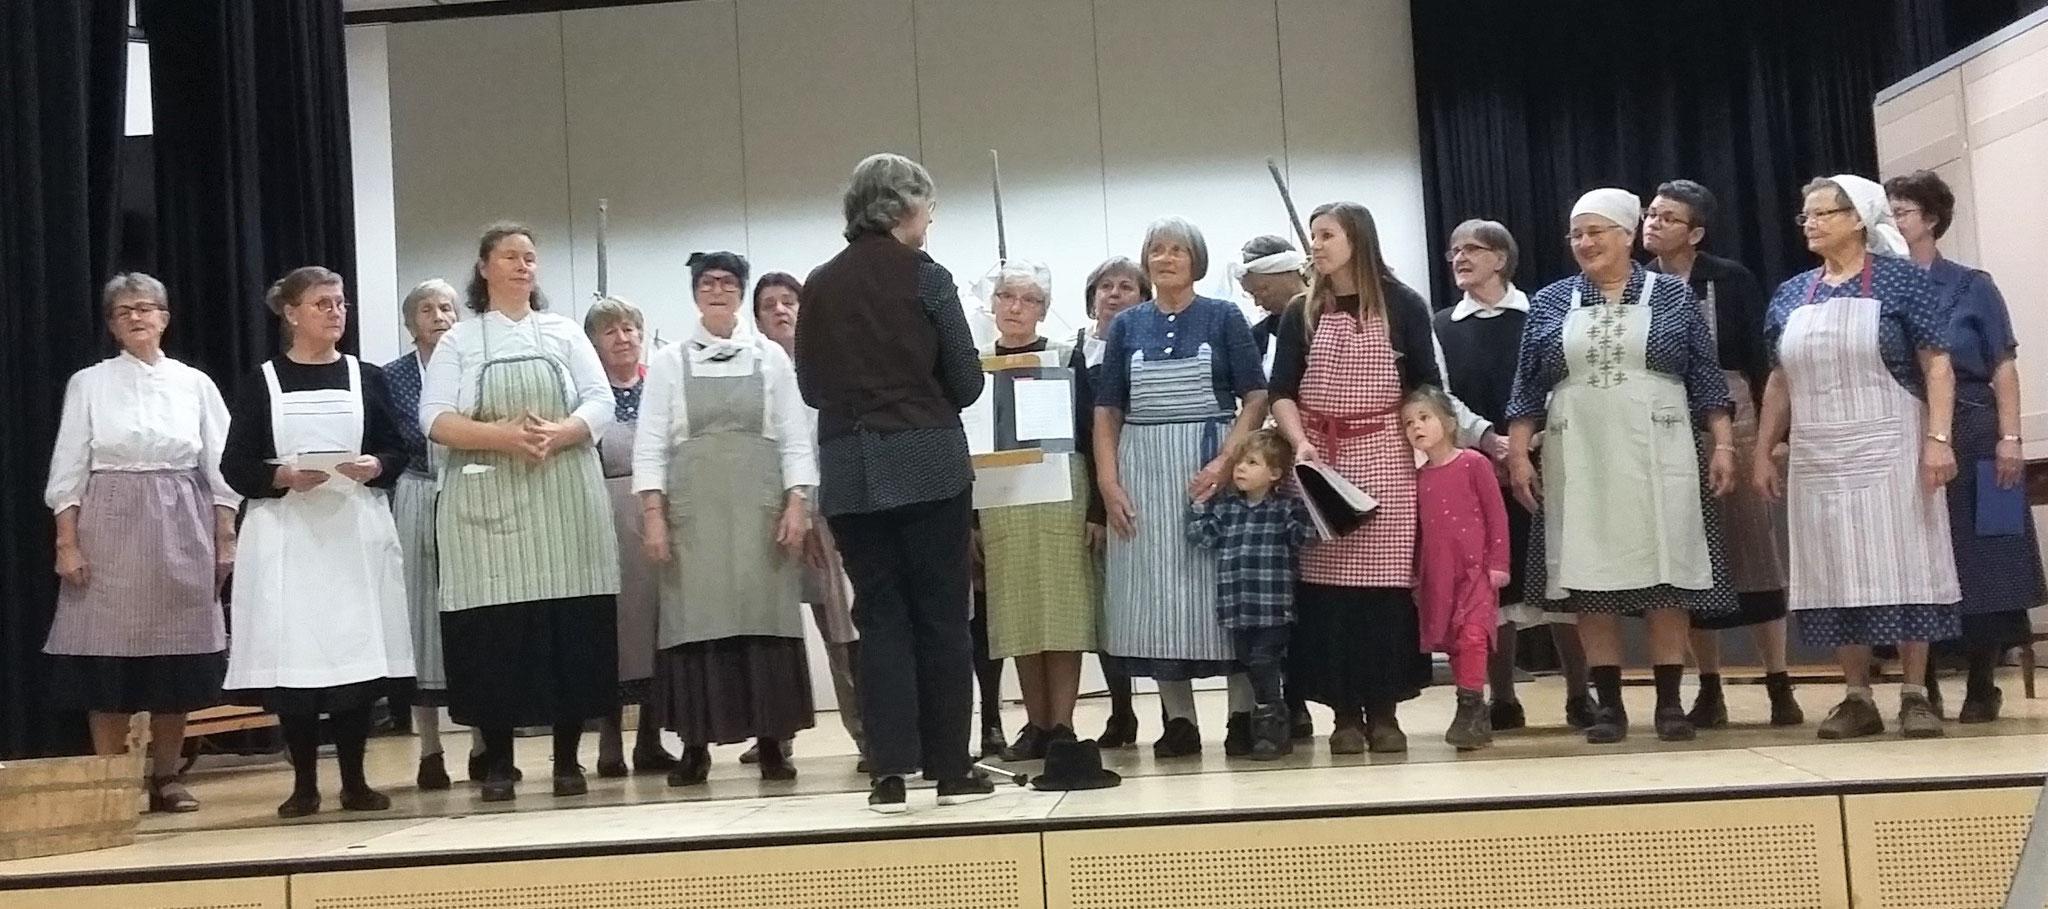 Rückblick auf 100 Jahre Töchter- und Frauenchor Altikon